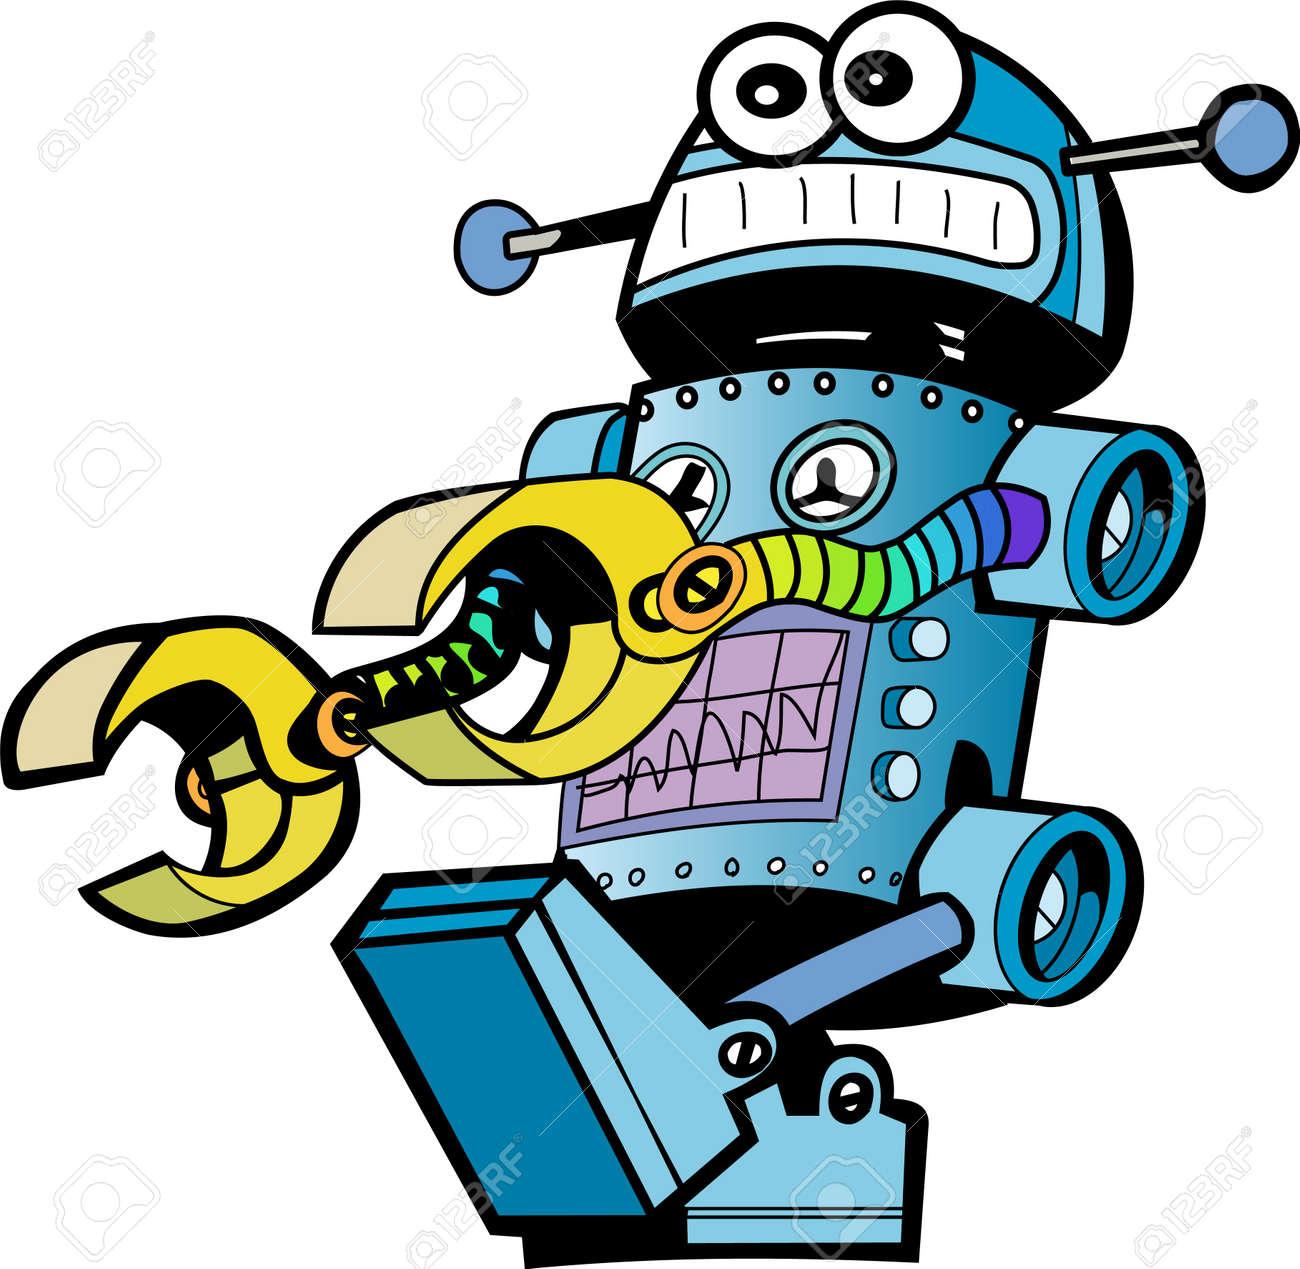 crazy robot Stock Vector - 12403777